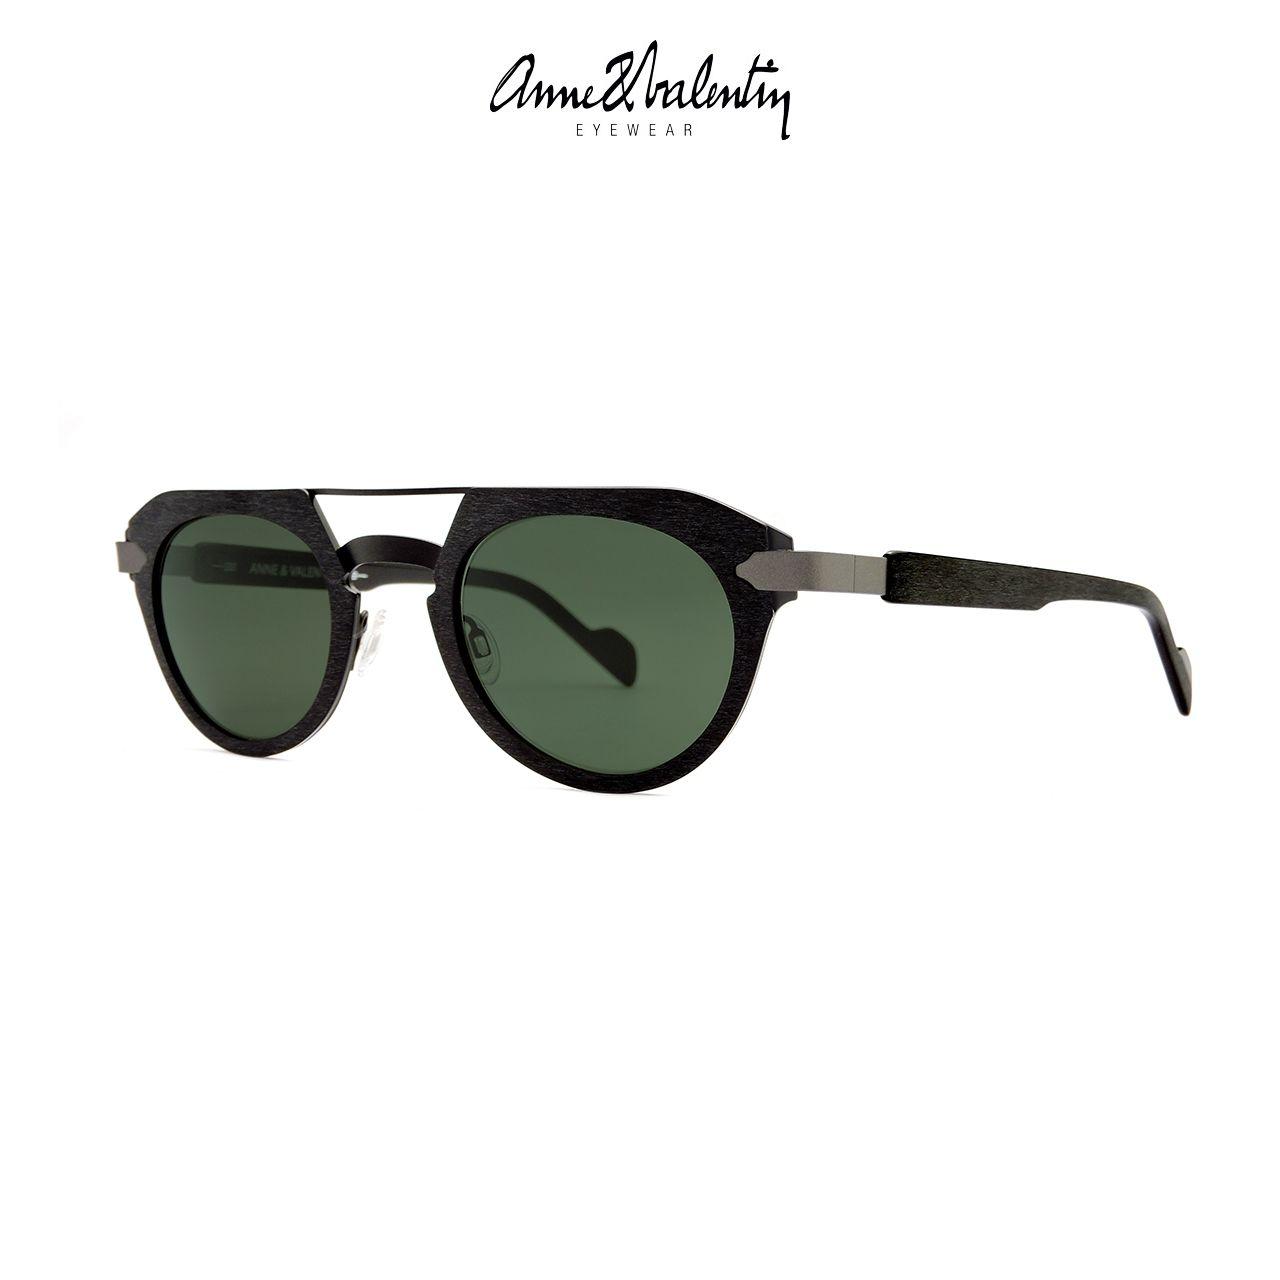 e90732dbd751 Anne et Valentin SHERMAN sunglasses at Risi Optique.